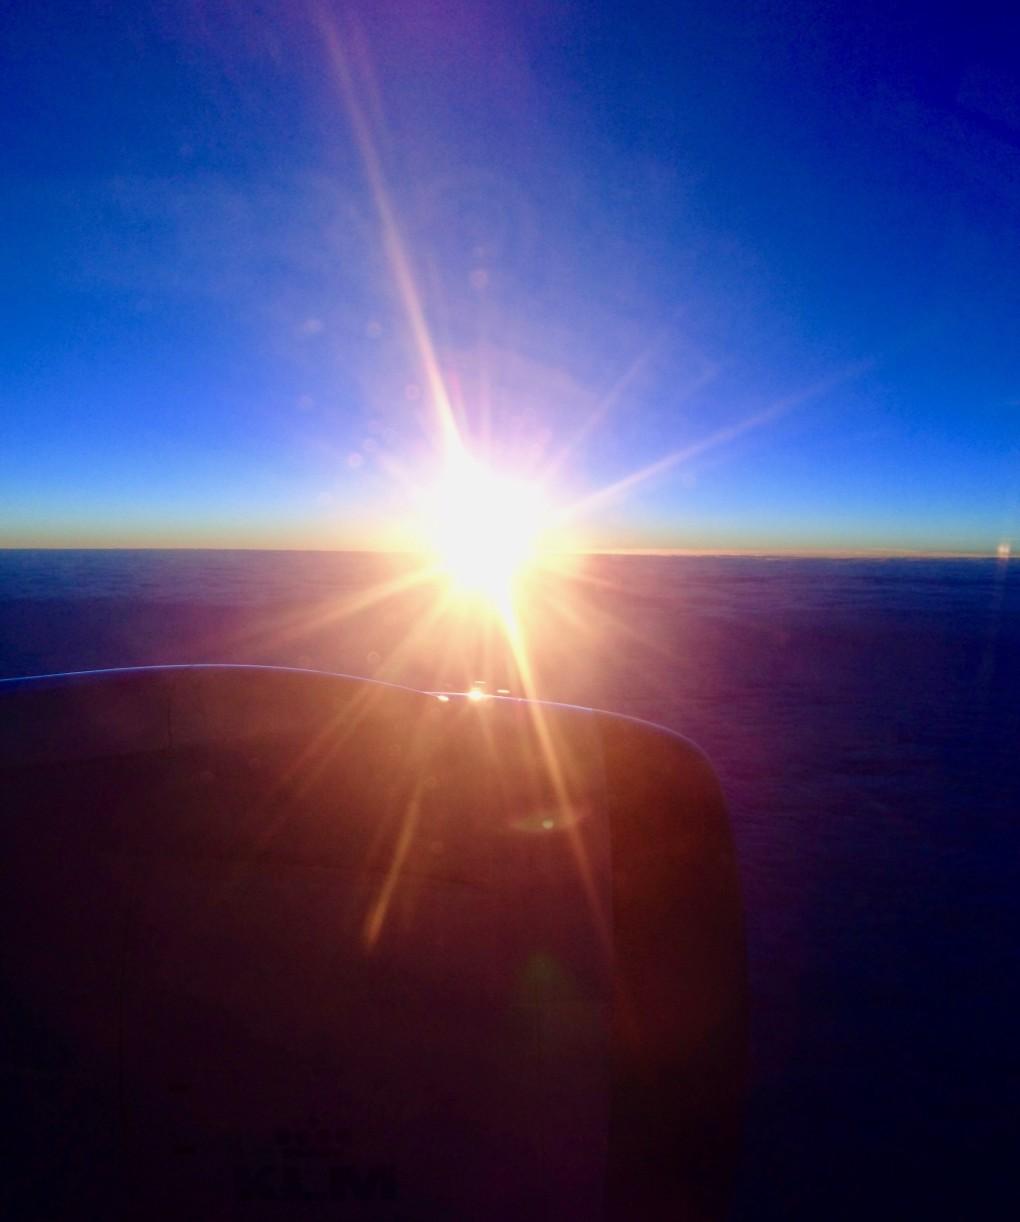 etwa 8 Stunden andauernde Sonnenuntergangsstimmung